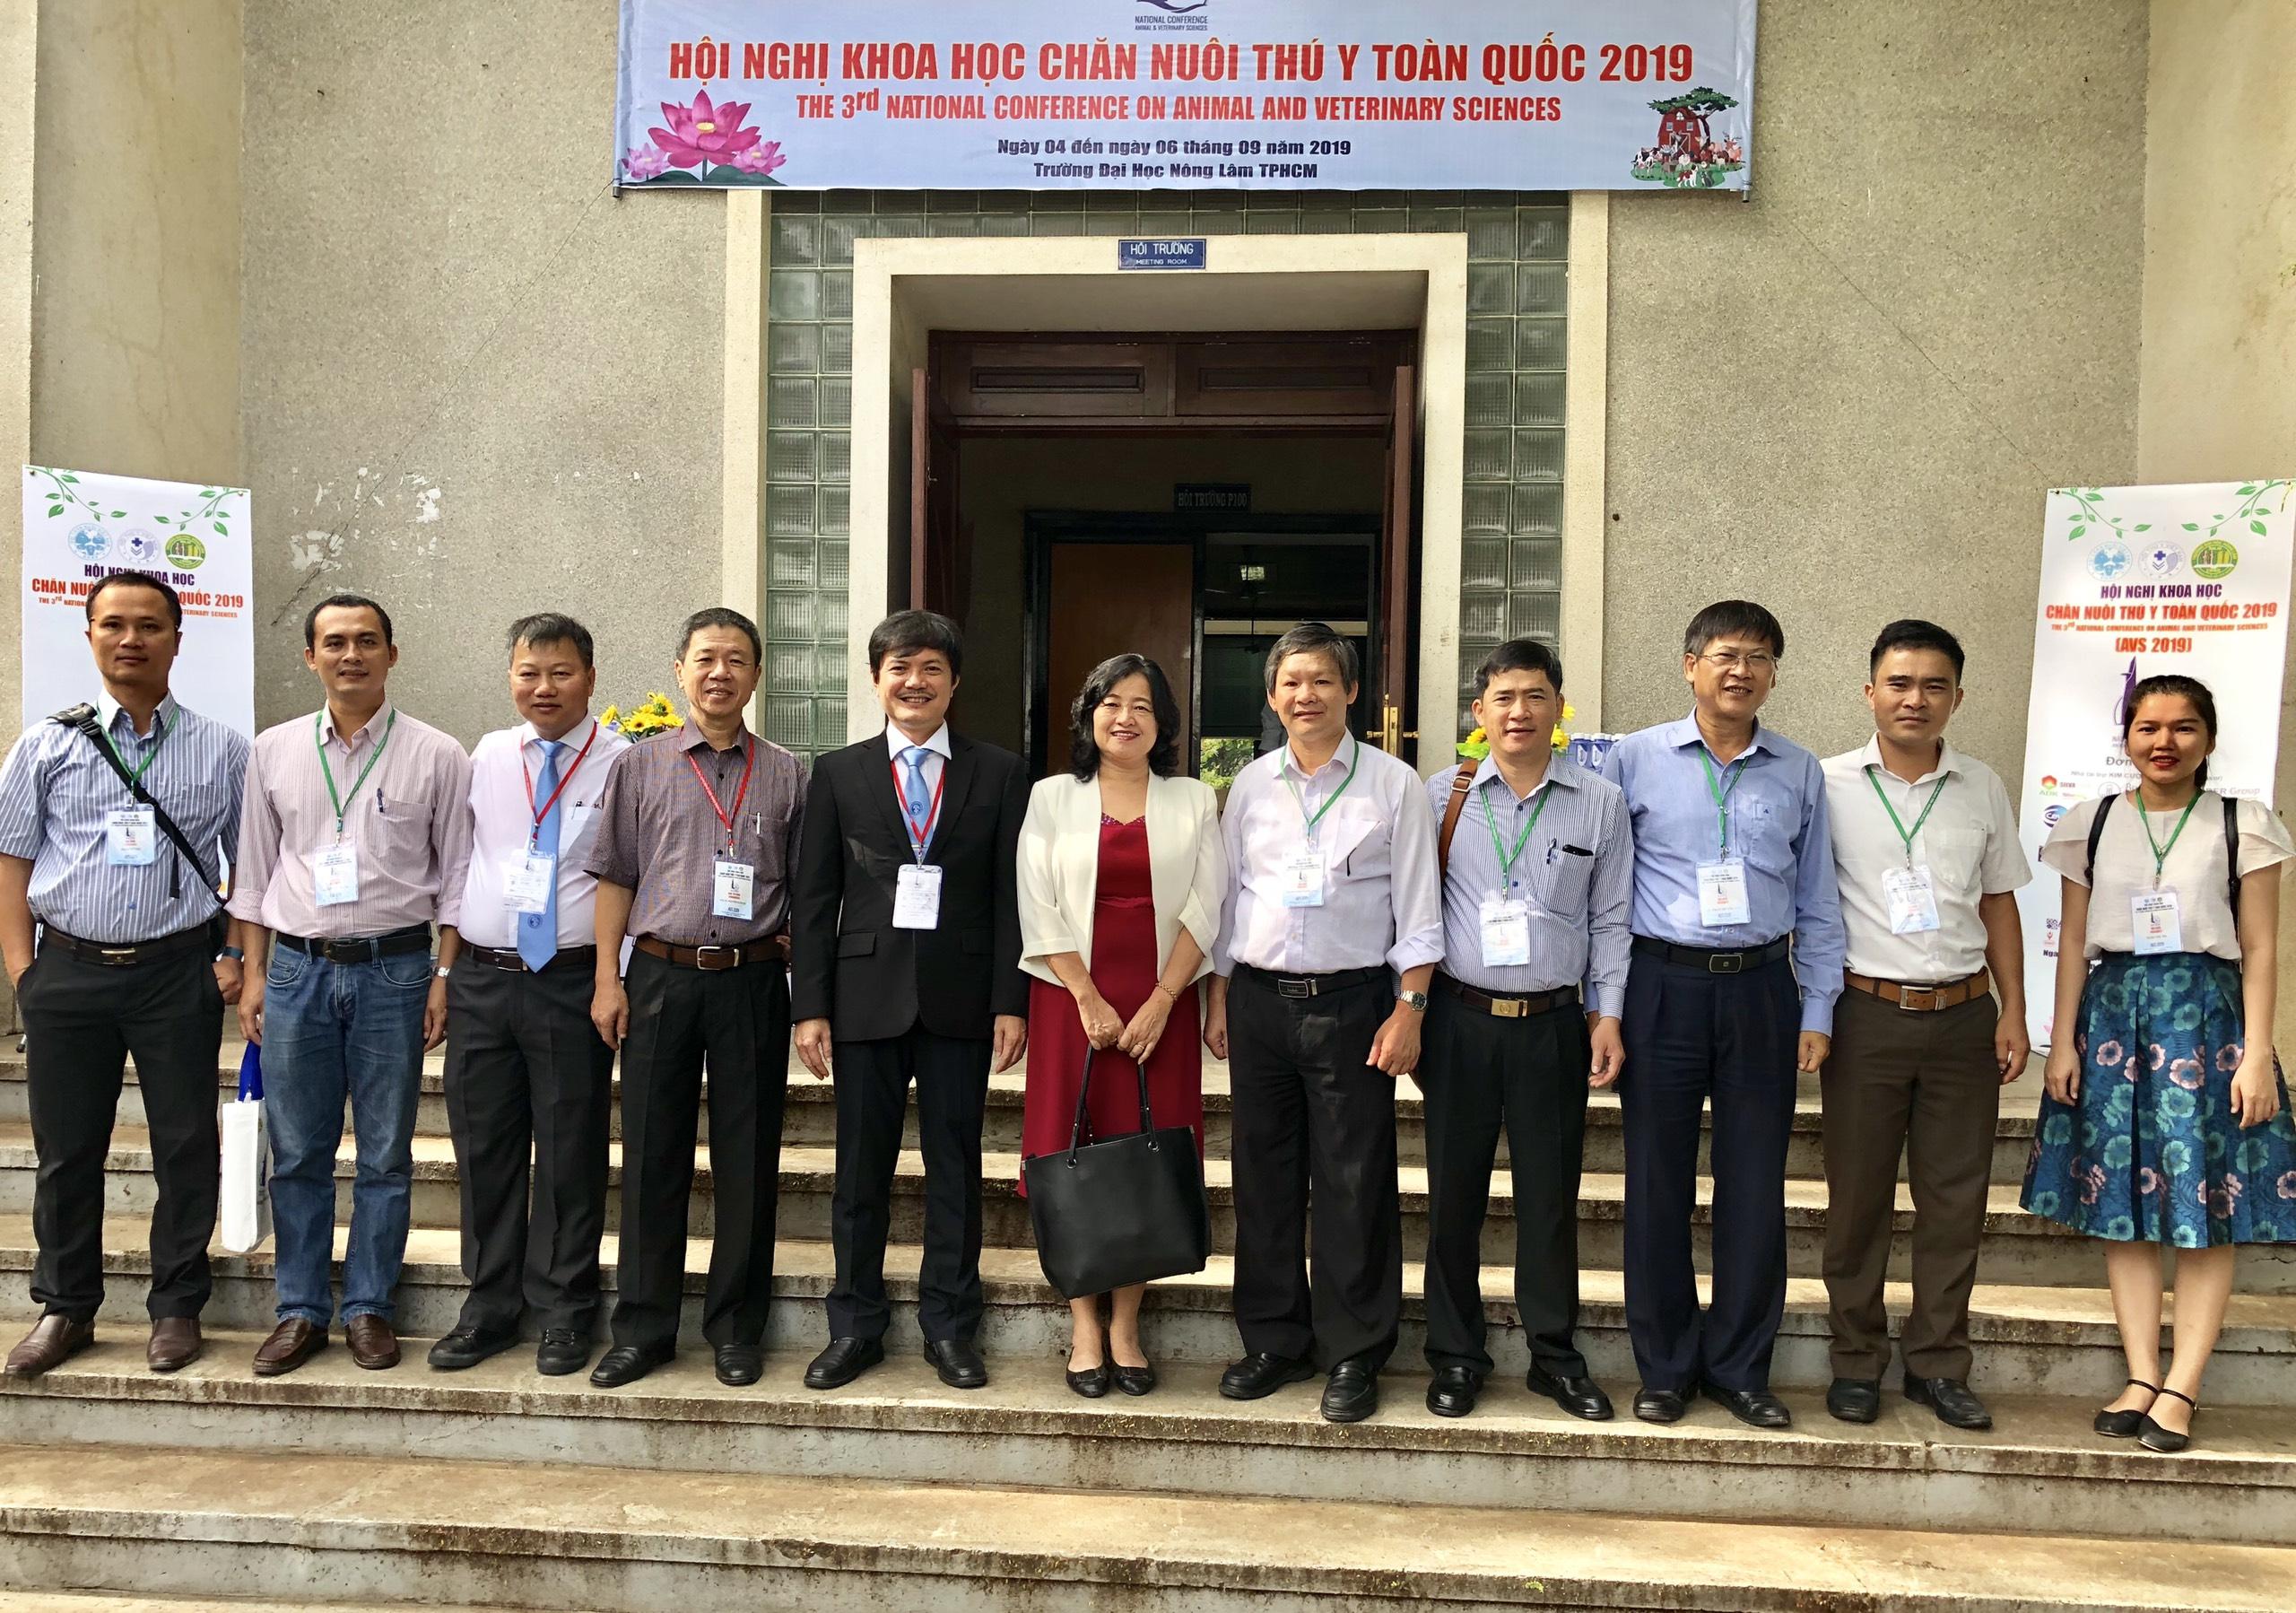 Đoàn đại biểu trường Đại học Nông Lâm, Đại học Huế tham dự hội nghị Chăn nuôi Thú y toàn quốc lần thứ 3 – năm 2019 và nhận đăng cai tổ chức hội nghị lần thứ 4 – năm 2021